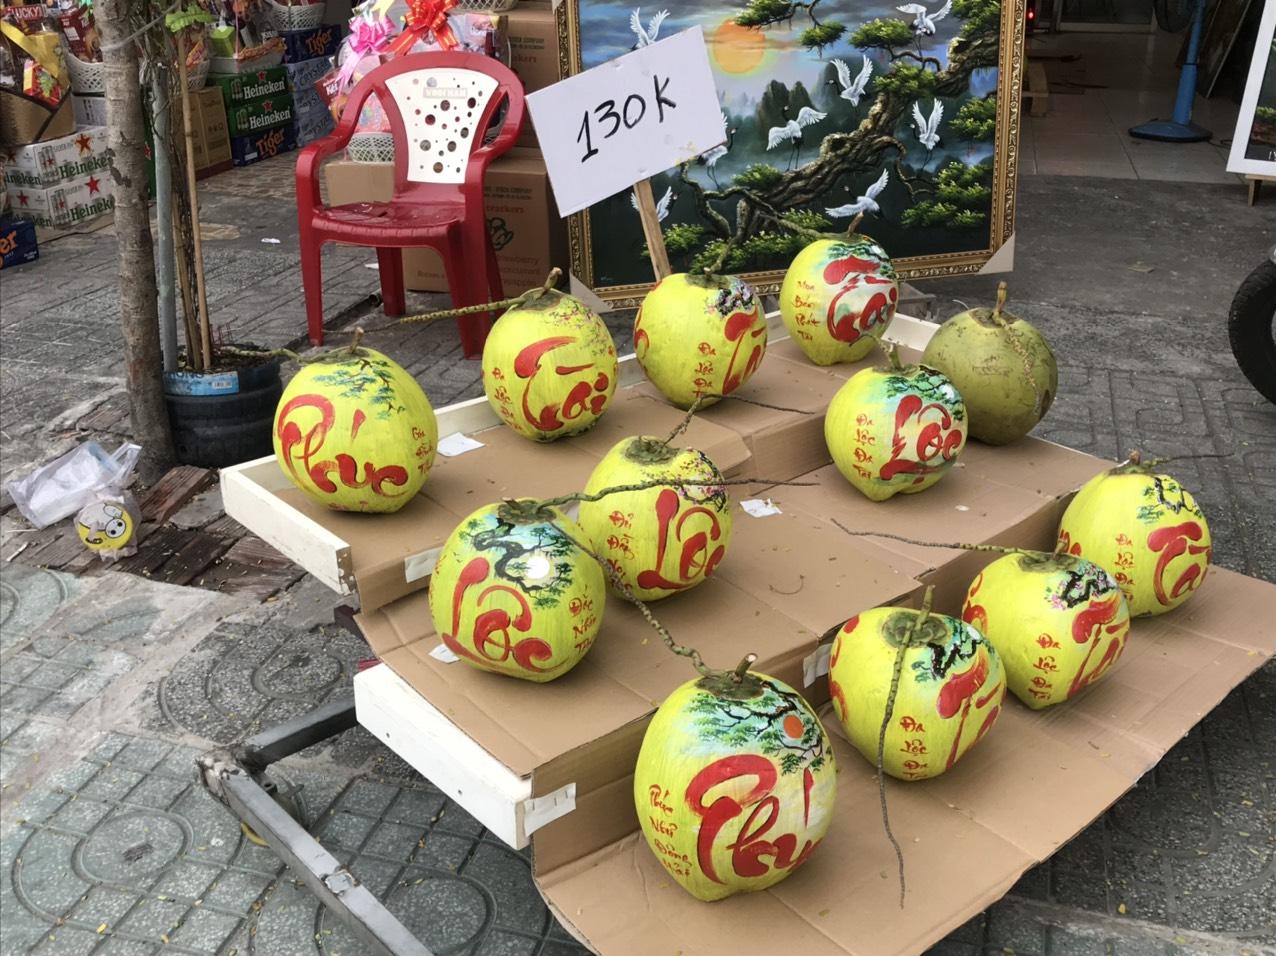 Còn tại một cửa hàng gần công viên Hoàng Văn Thụ (quận Tân Bình) nhiều sản phẩm dừa vẽ chữ khá thu hút khách hàng, với giá 130.000 đồng/trái,